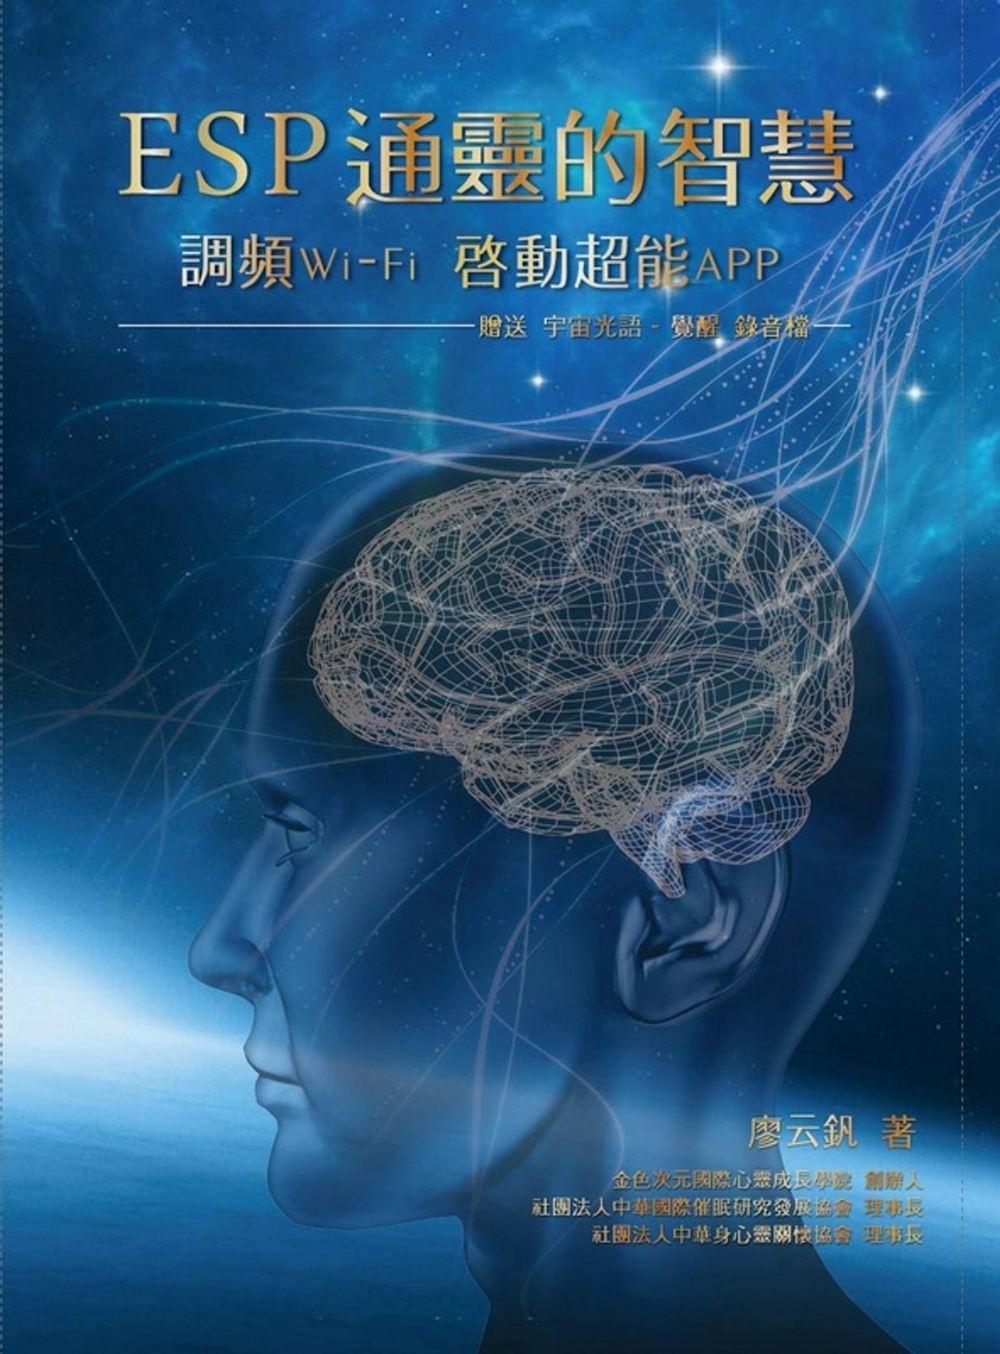 ESP通靈的智慧:調頻Wi~Fi啟動超能APP